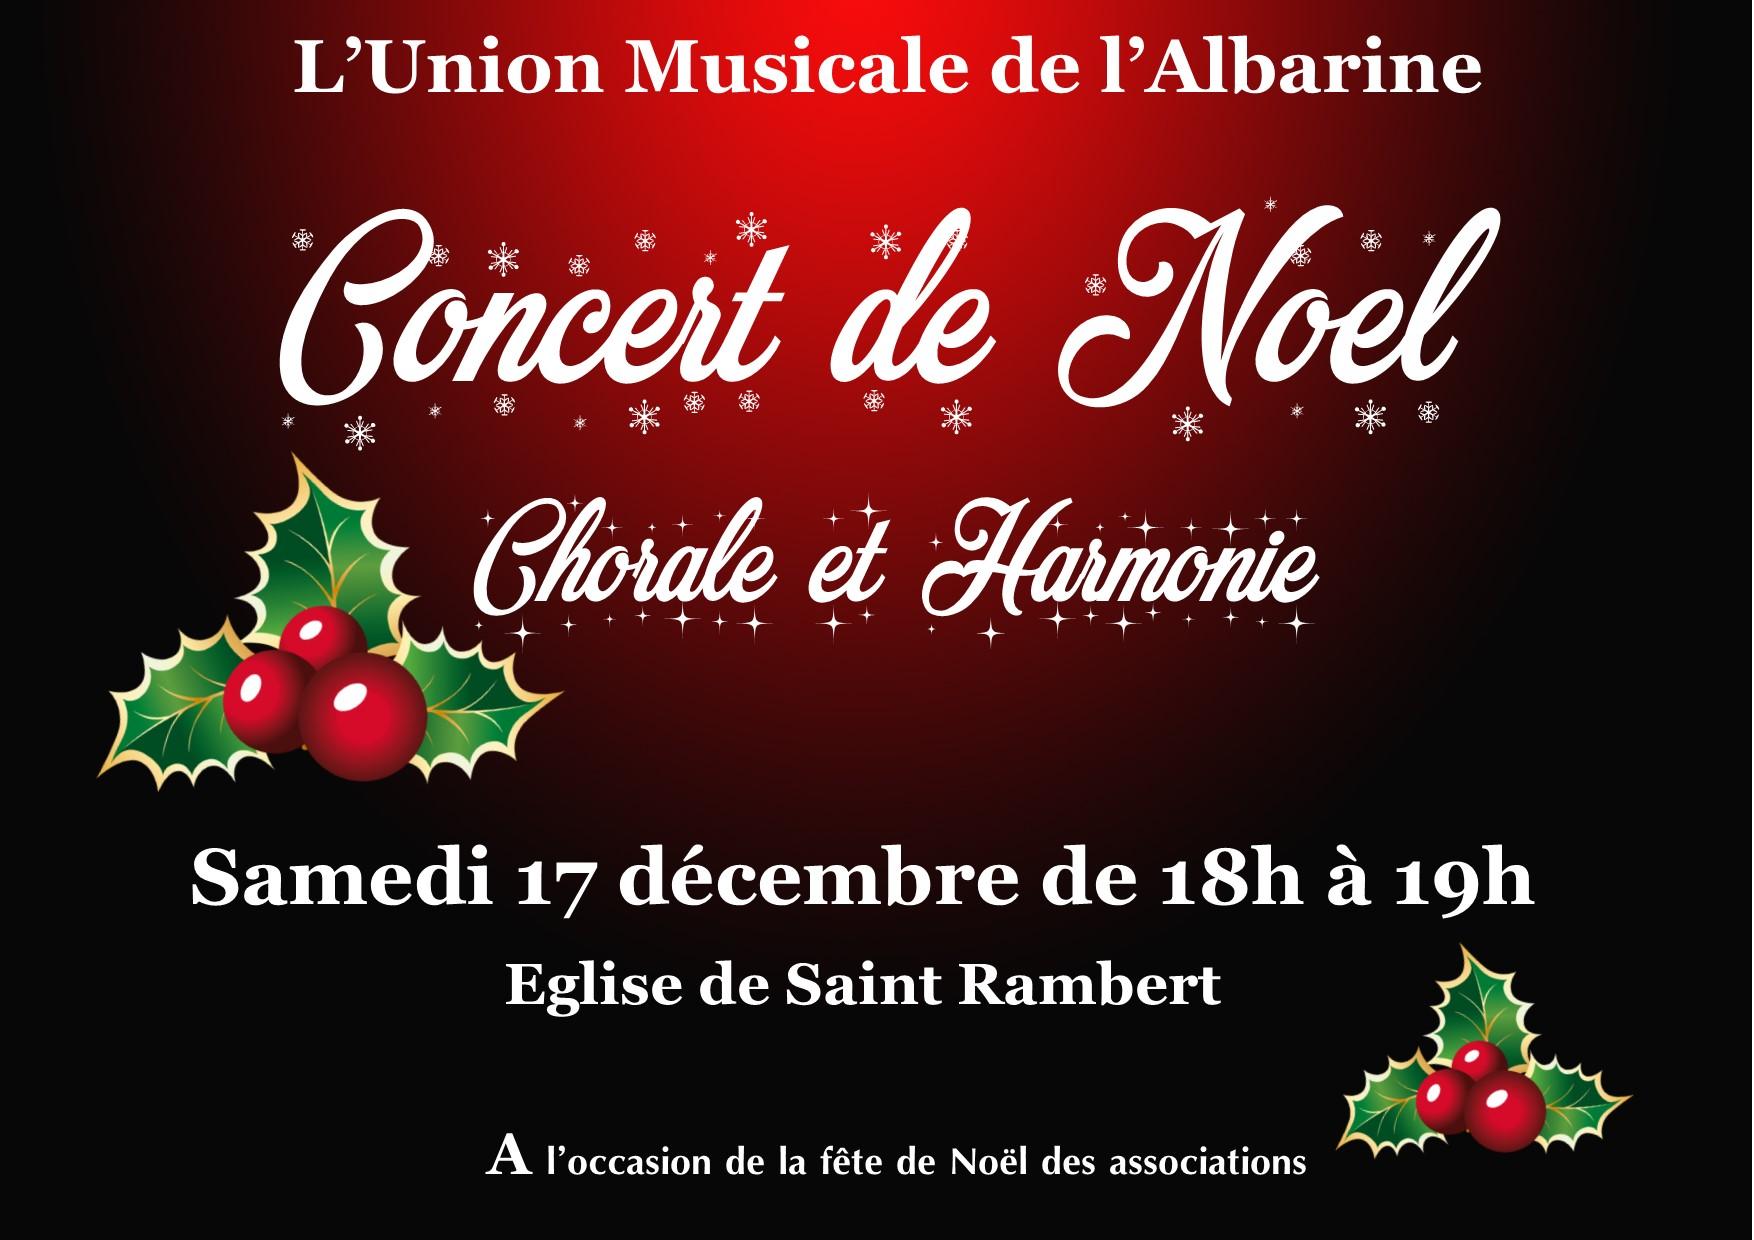 concert de Noël de l'Union Musicale 2016